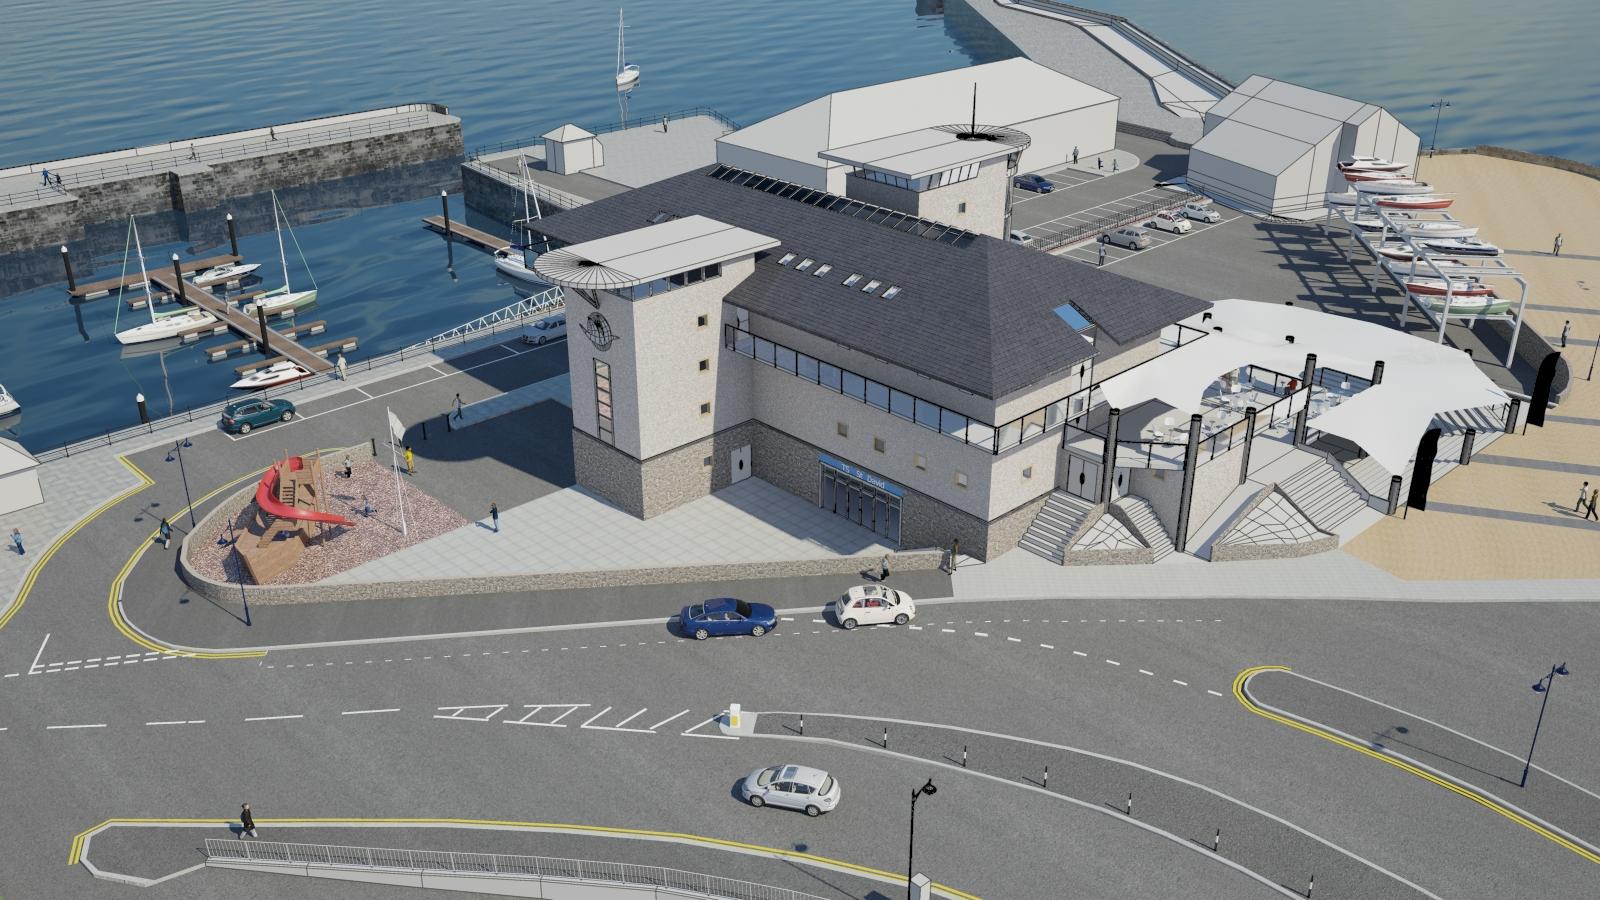 Porthcawl marina CGI render